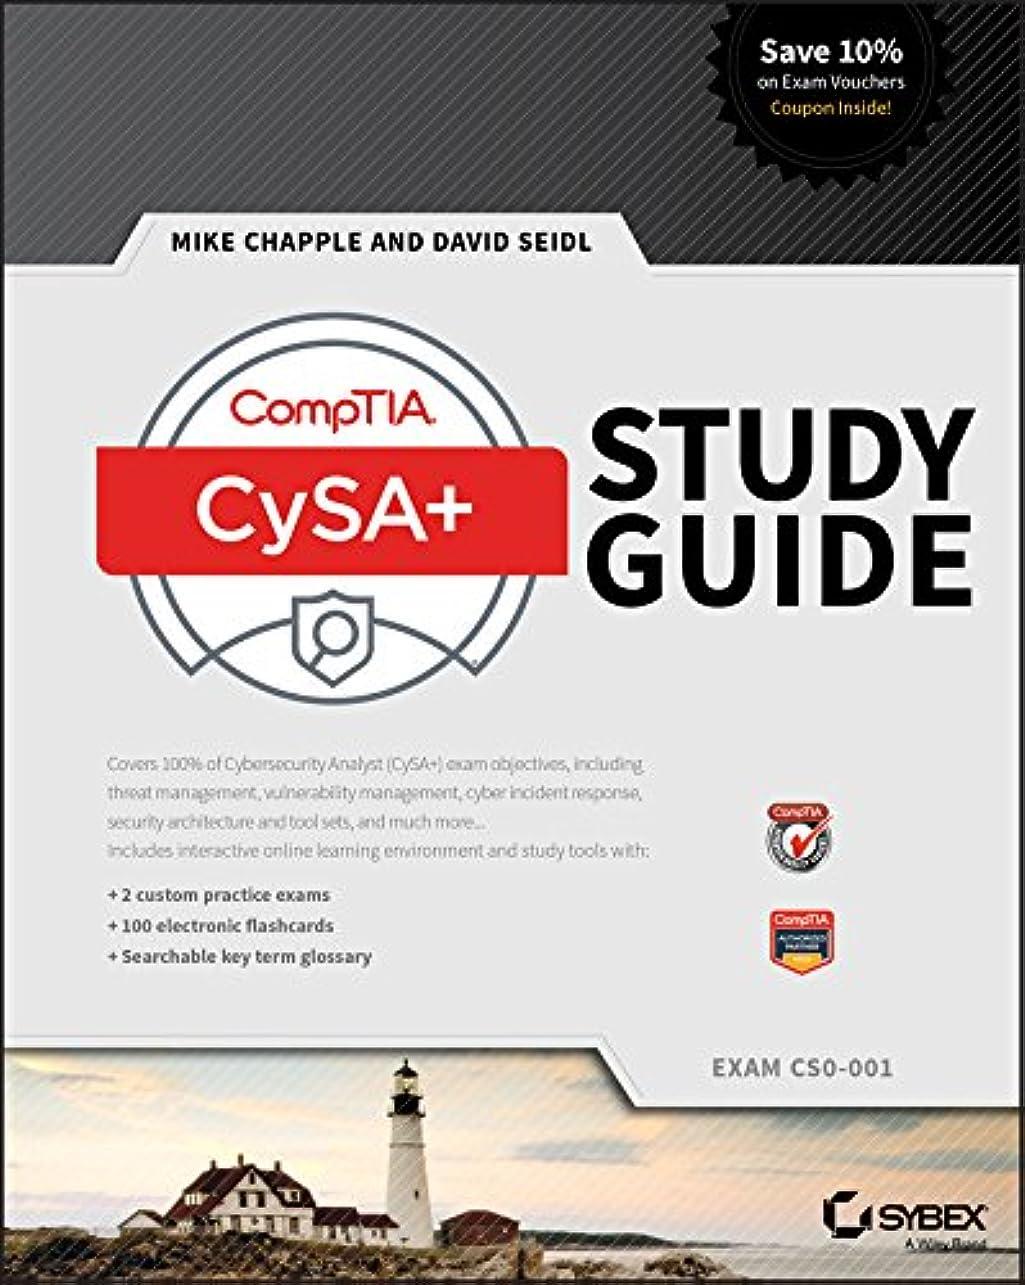 休戦楽観的に向かってCompTIA CySA+ Study Guide: Exam CS0-001 (English Edition)